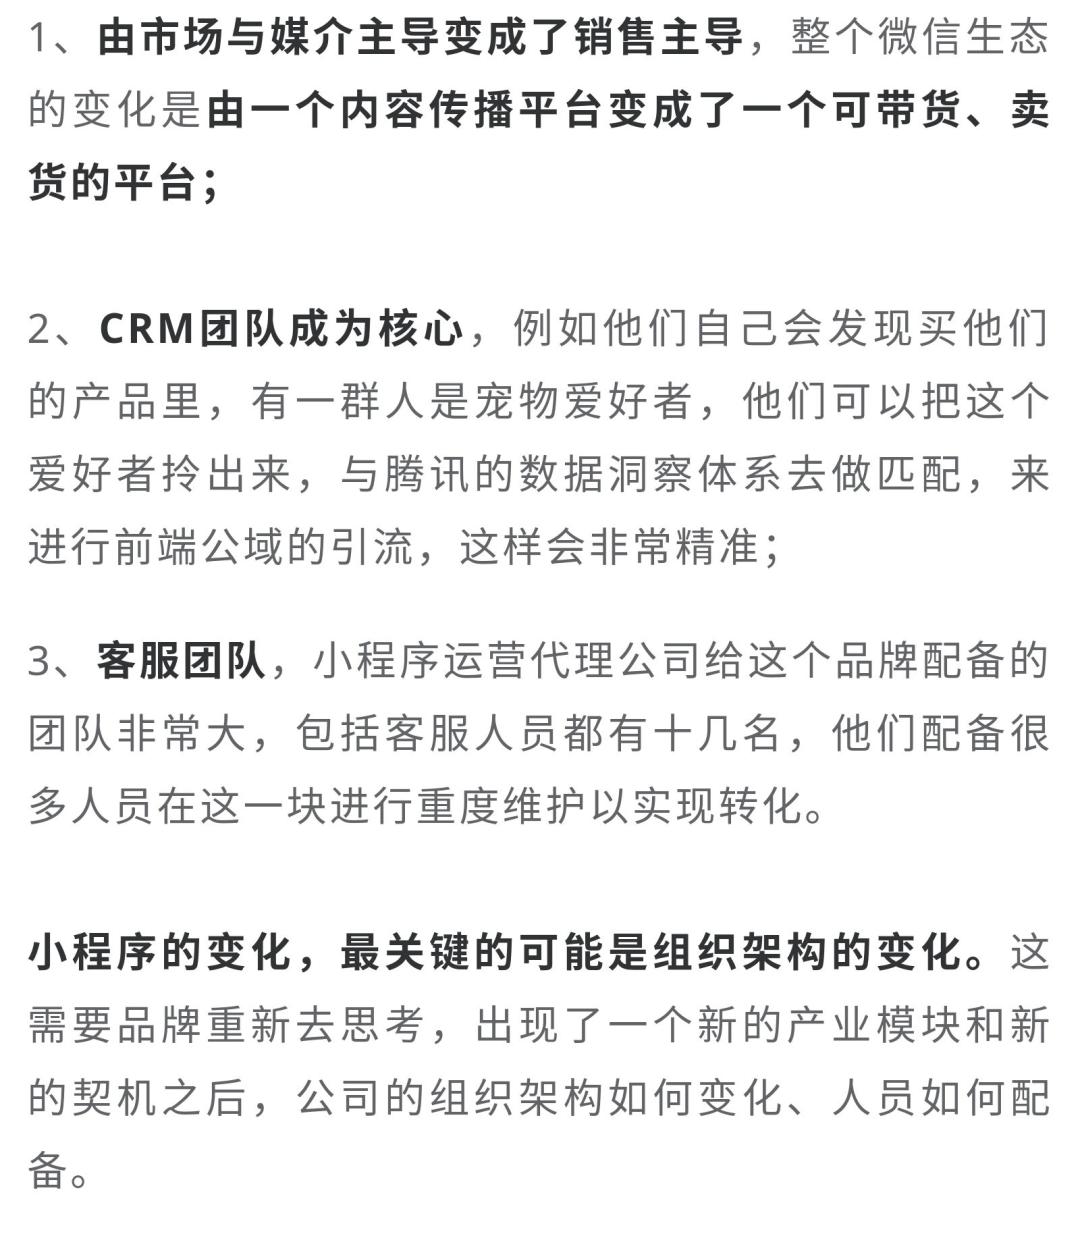 实战 | 荣事达:小家电如何抓住私域红利?